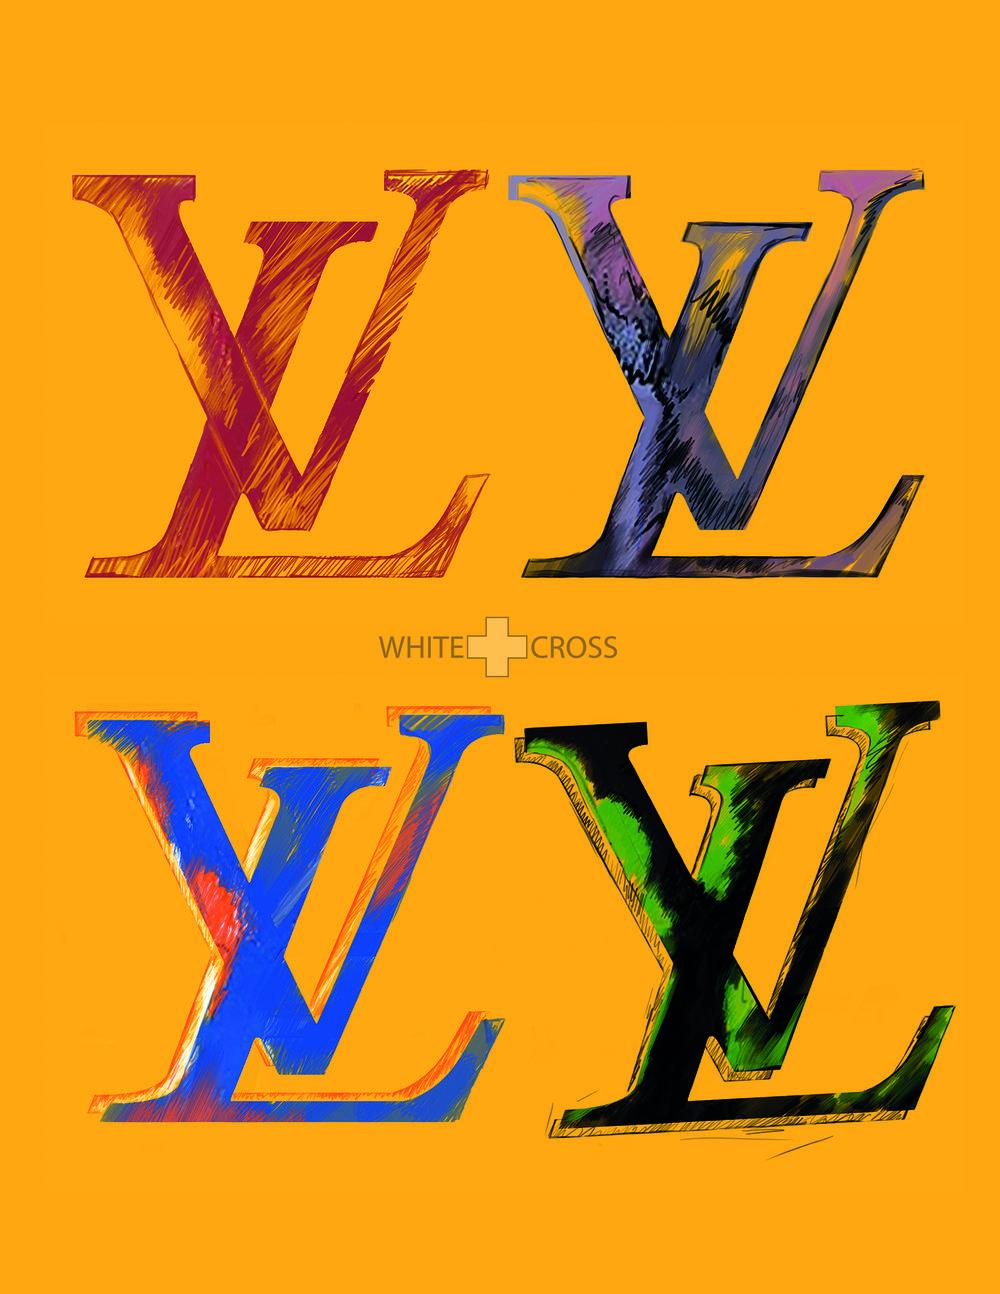 LV_WM_WMCW.jpg